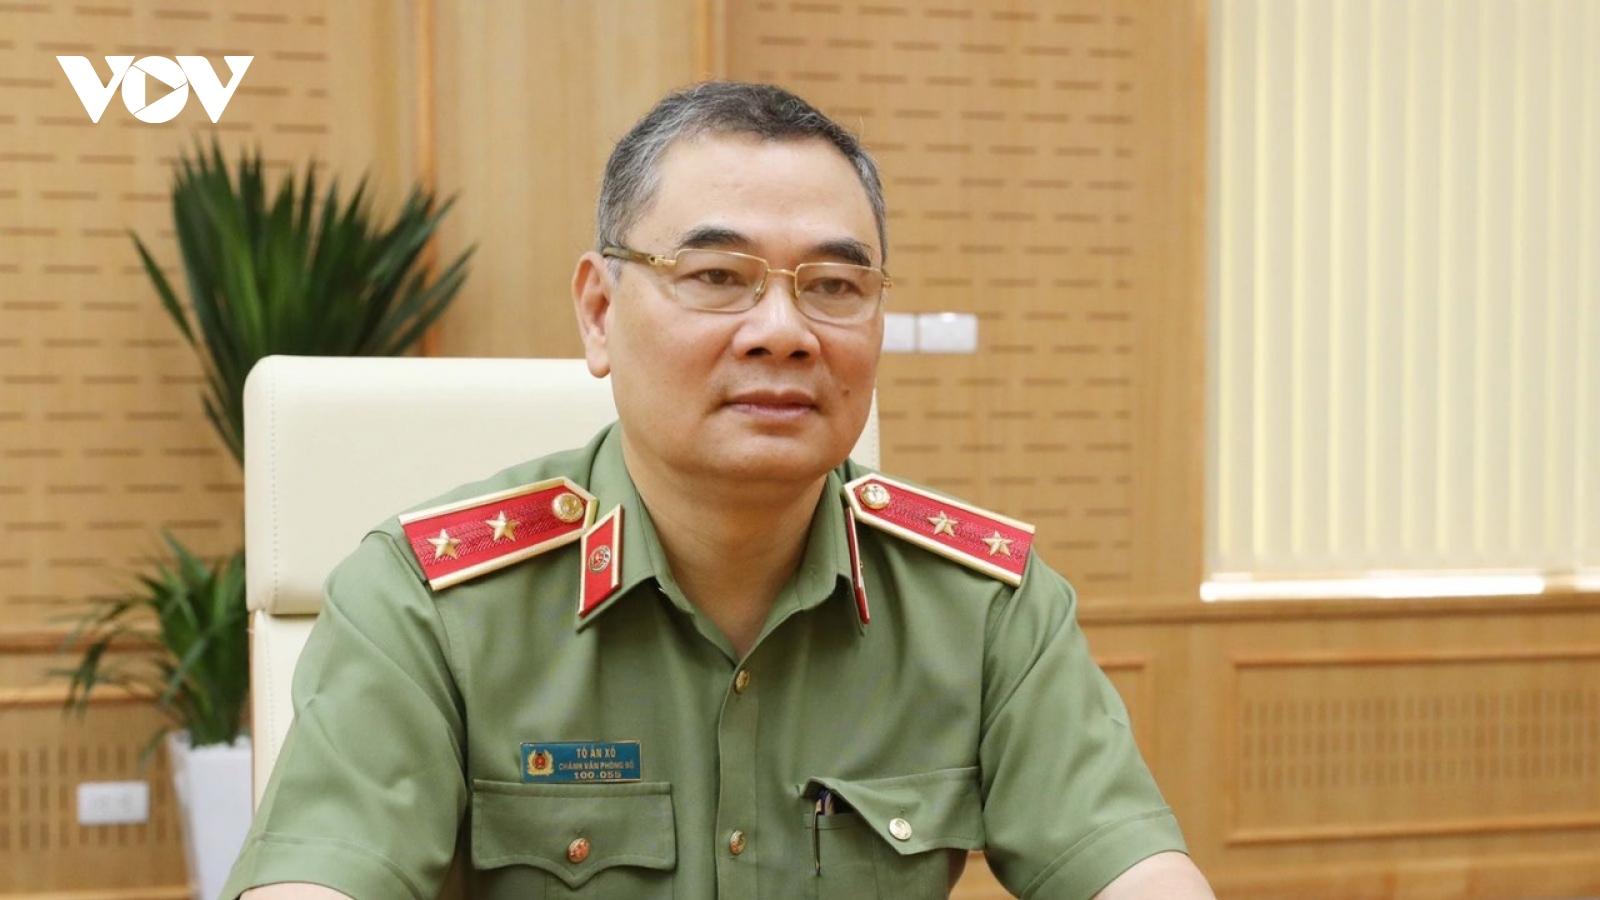 Trung tướng Tô Ân Xô: Bảo vệ tuyệt đối an ninh, an toàn cho Ngày Bầu cử